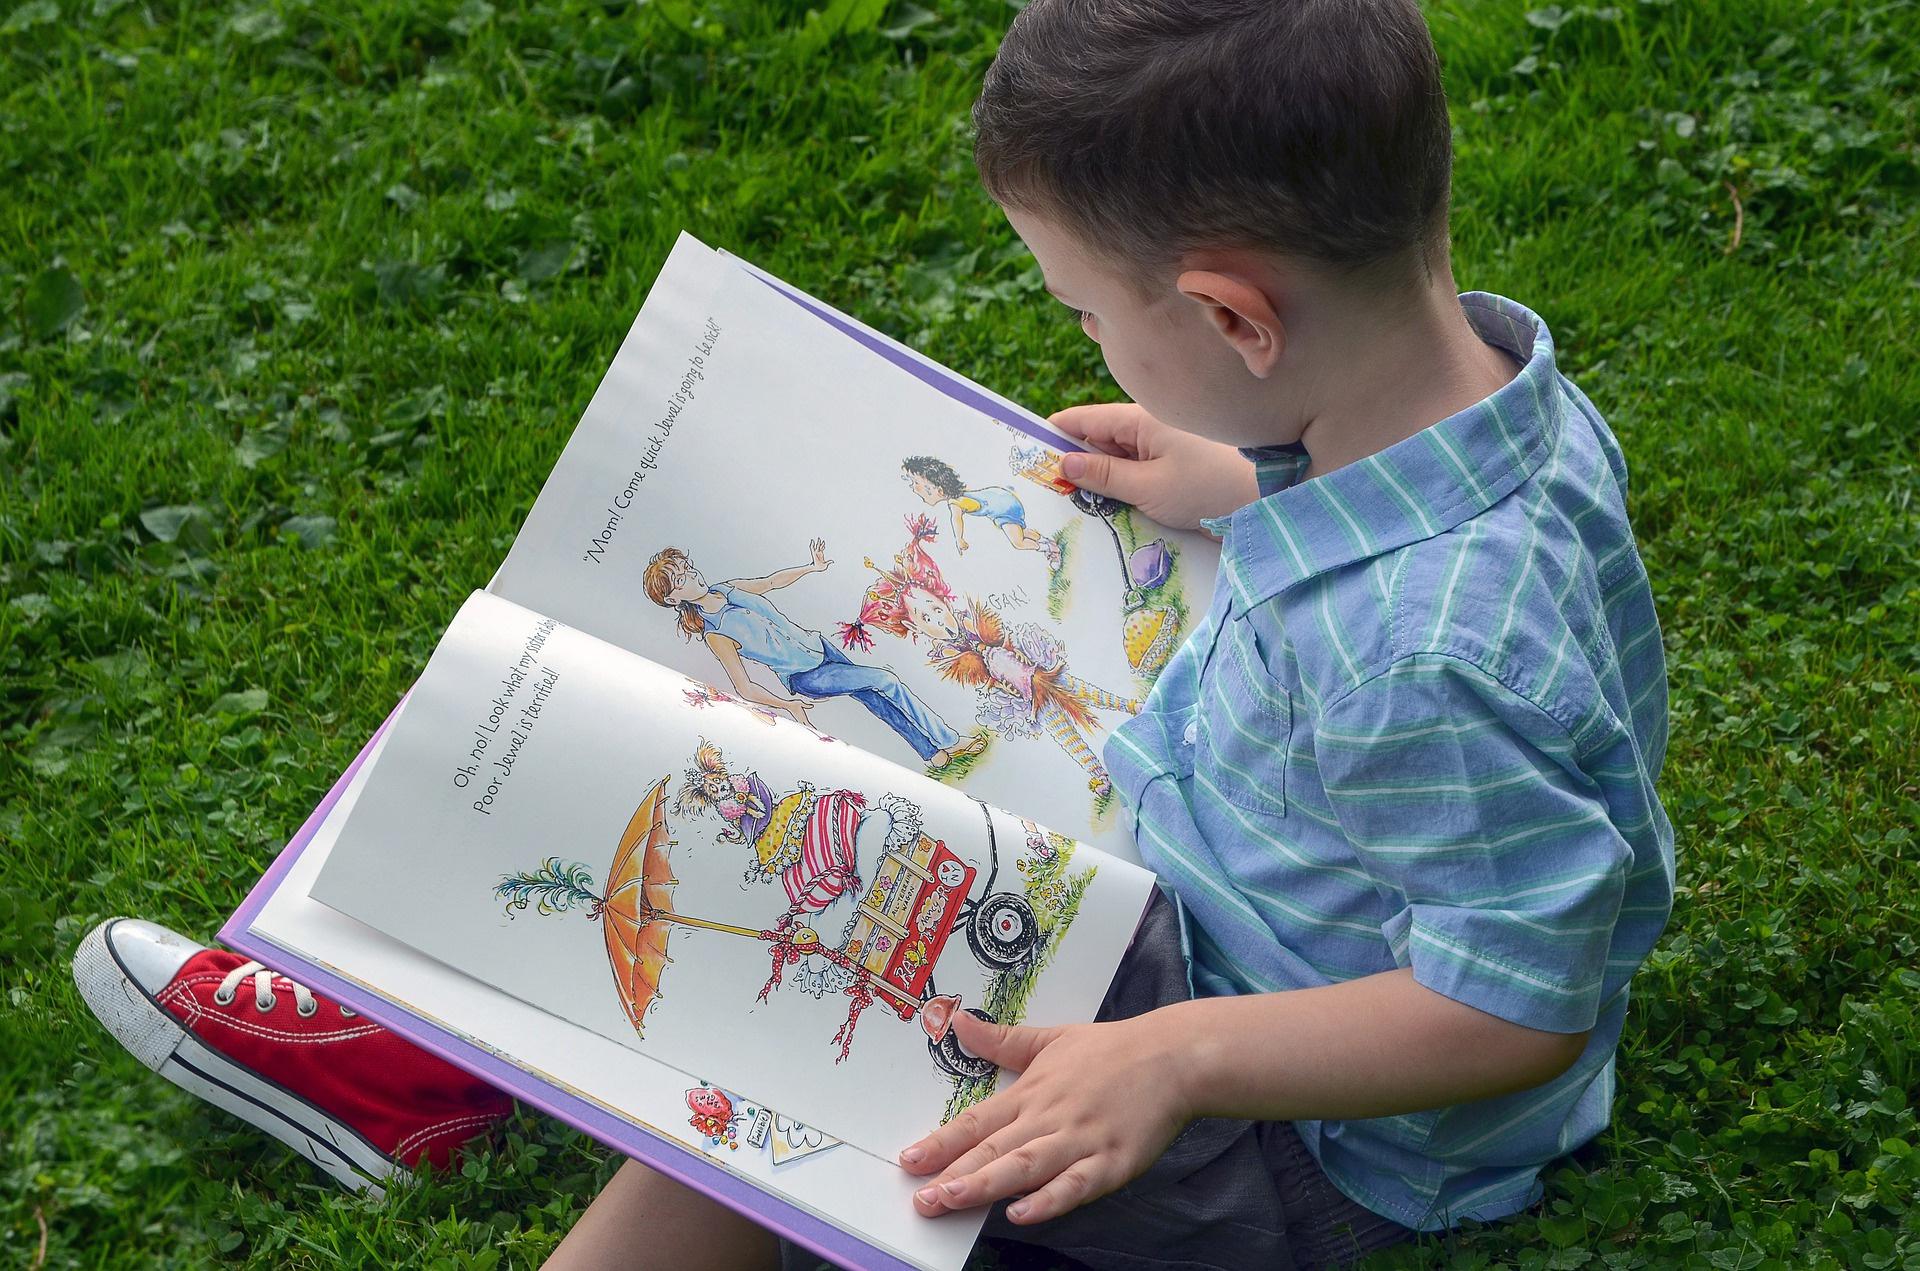 """Путину пожаловались на """"абсурдную"""" маркировку детских книг. """"Малыш и Карлсон"""" — 16+"""